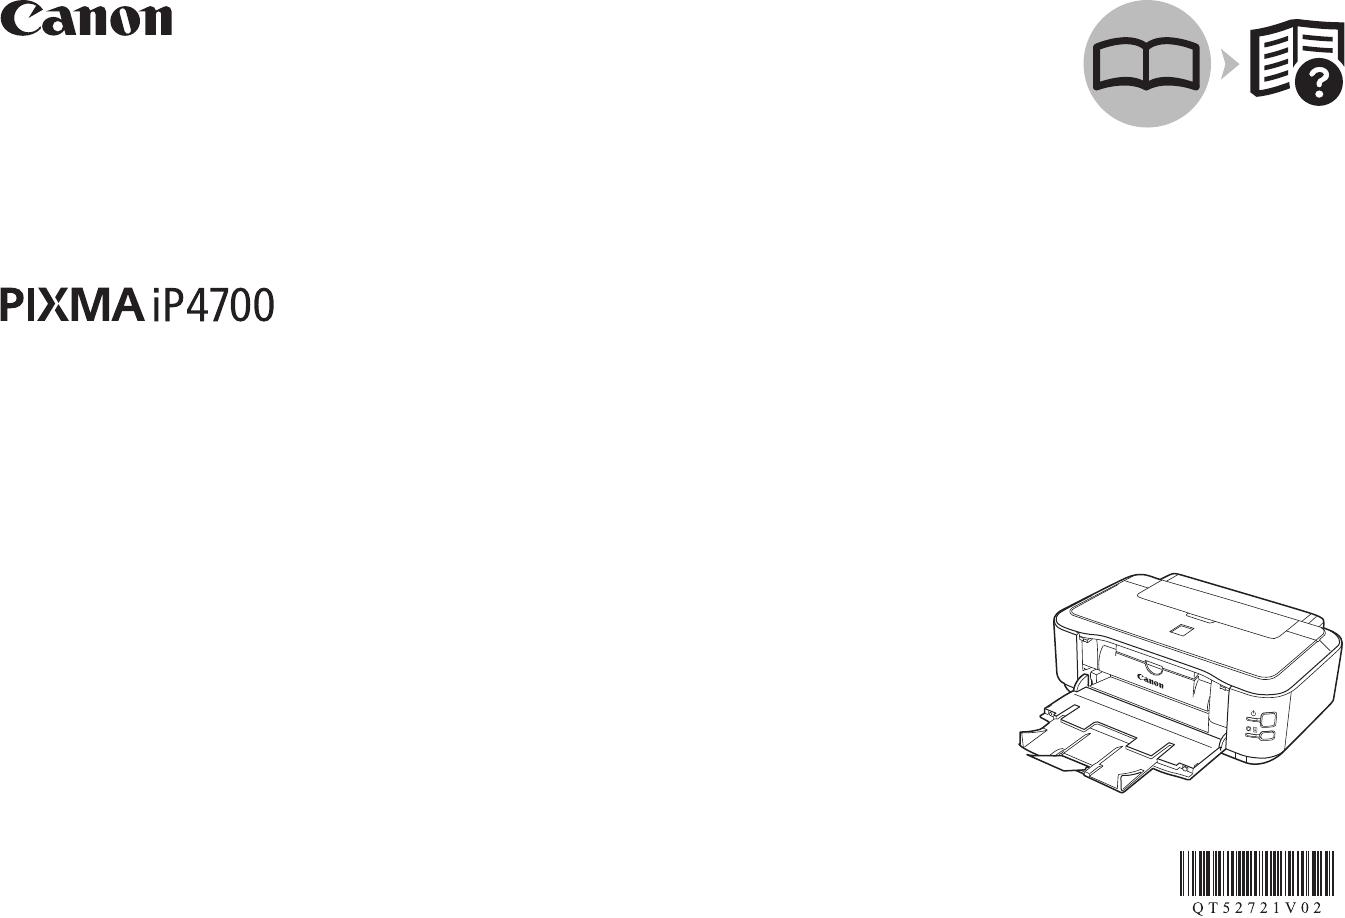 Mode d'emploi Canon Pixma iP4700 (26 des pages)